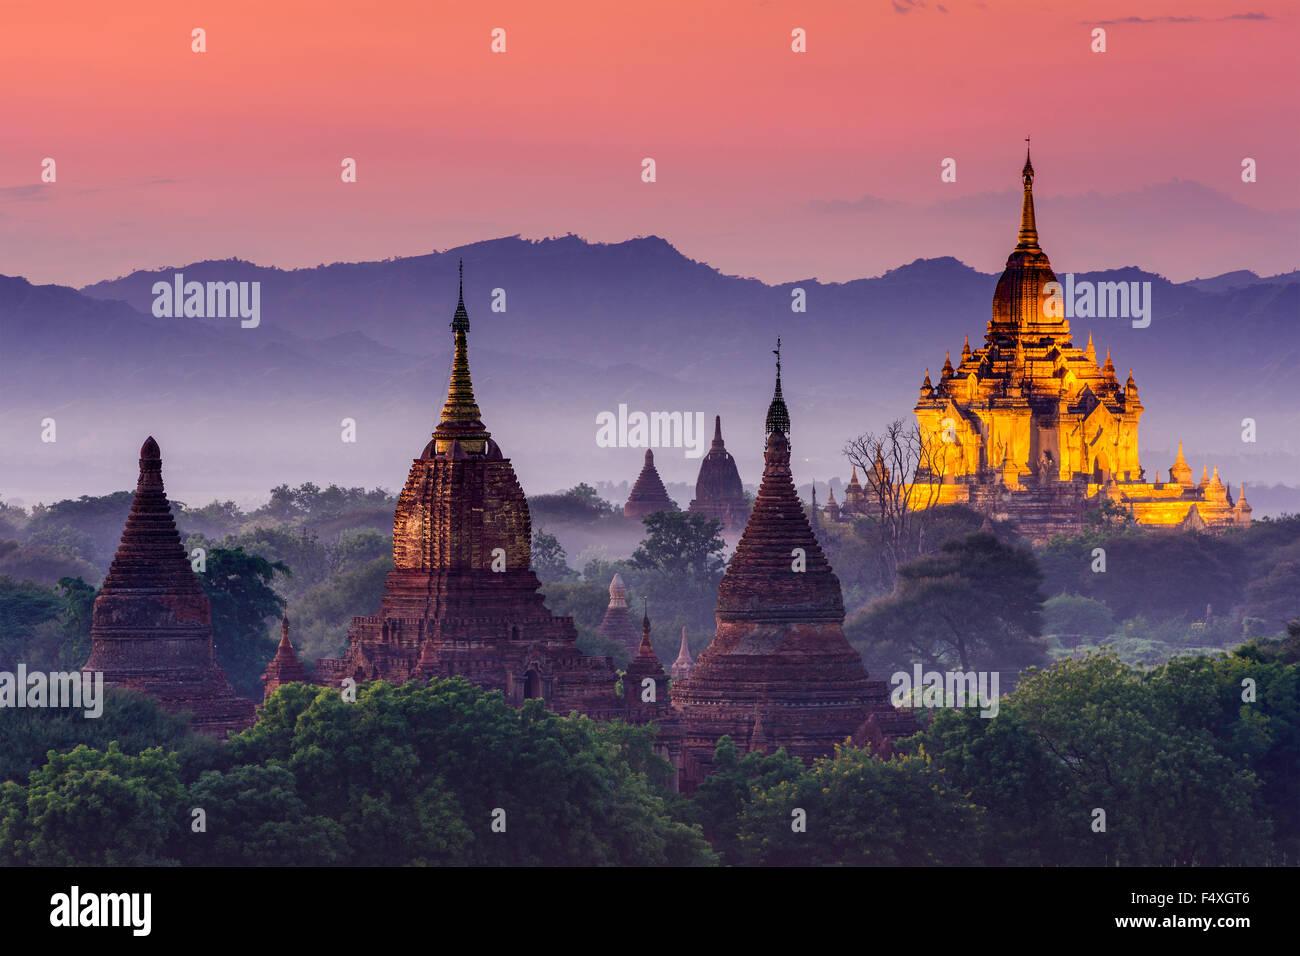 Bagan, Myanmar antiguos templos al atardecer. Foto de stock